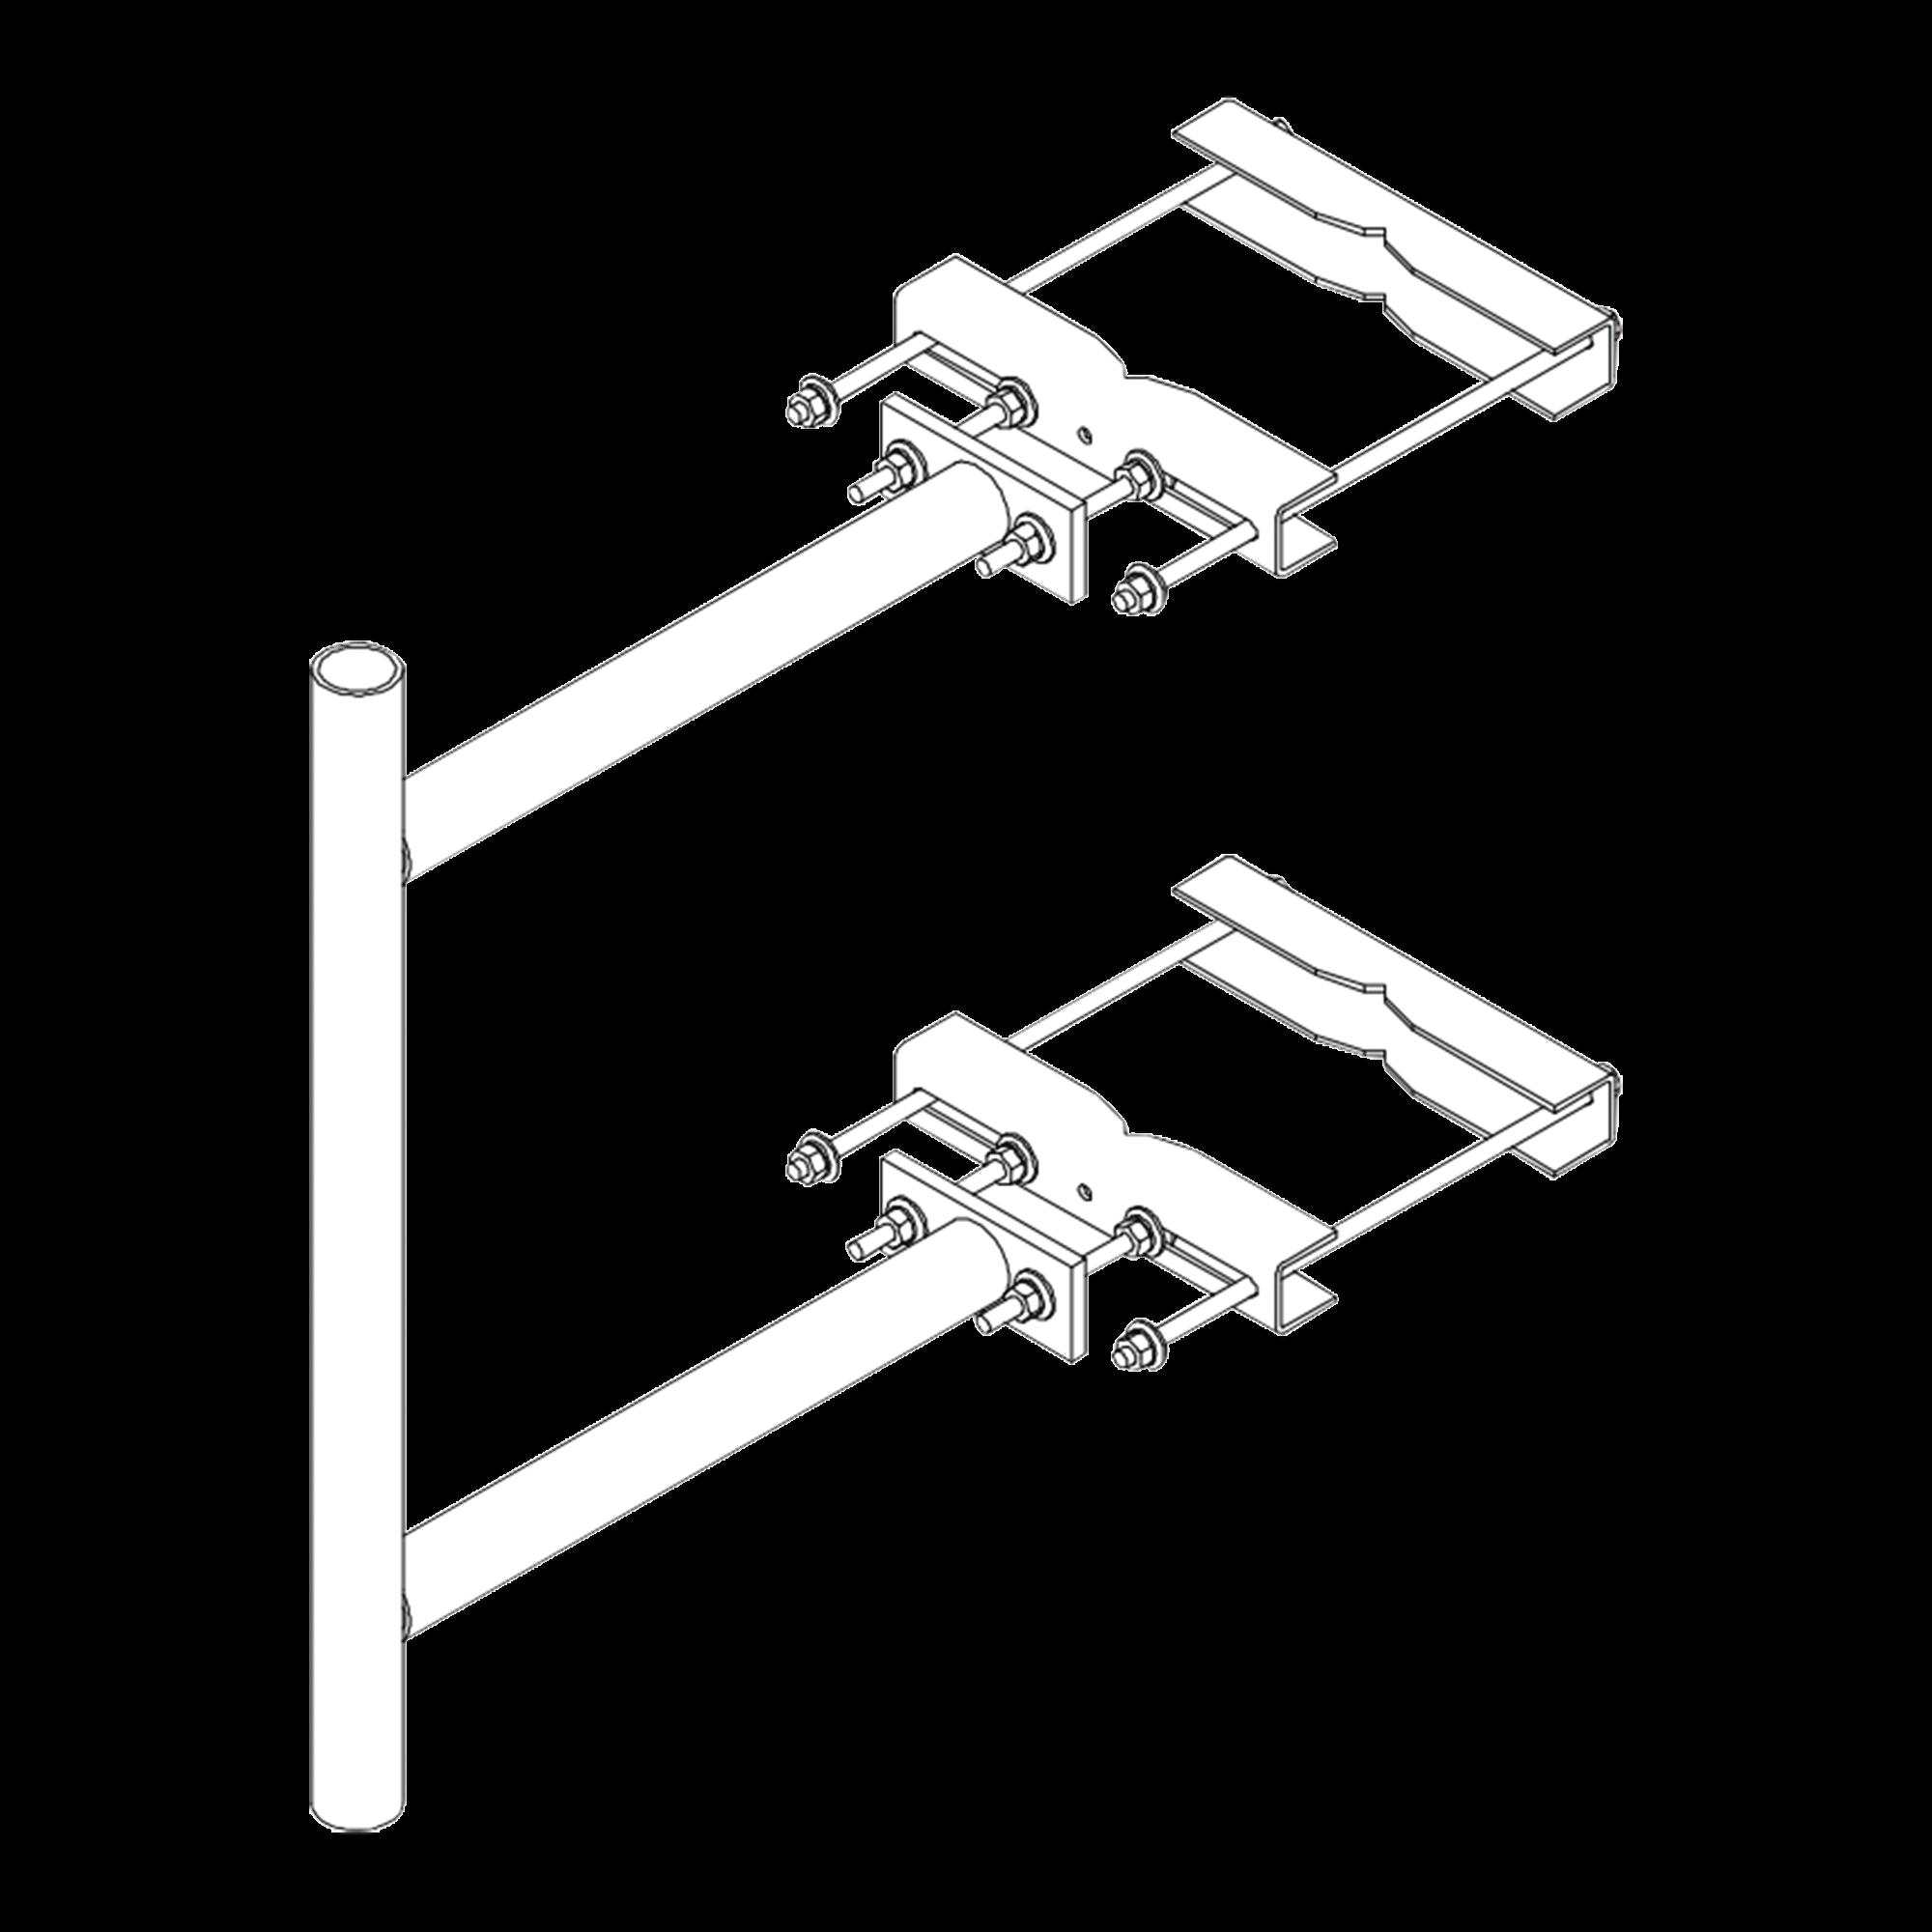 Montaje Lateral con 60 cm de Separación con ángulo Ajustable. Mástil de 2-3/8 x 36.